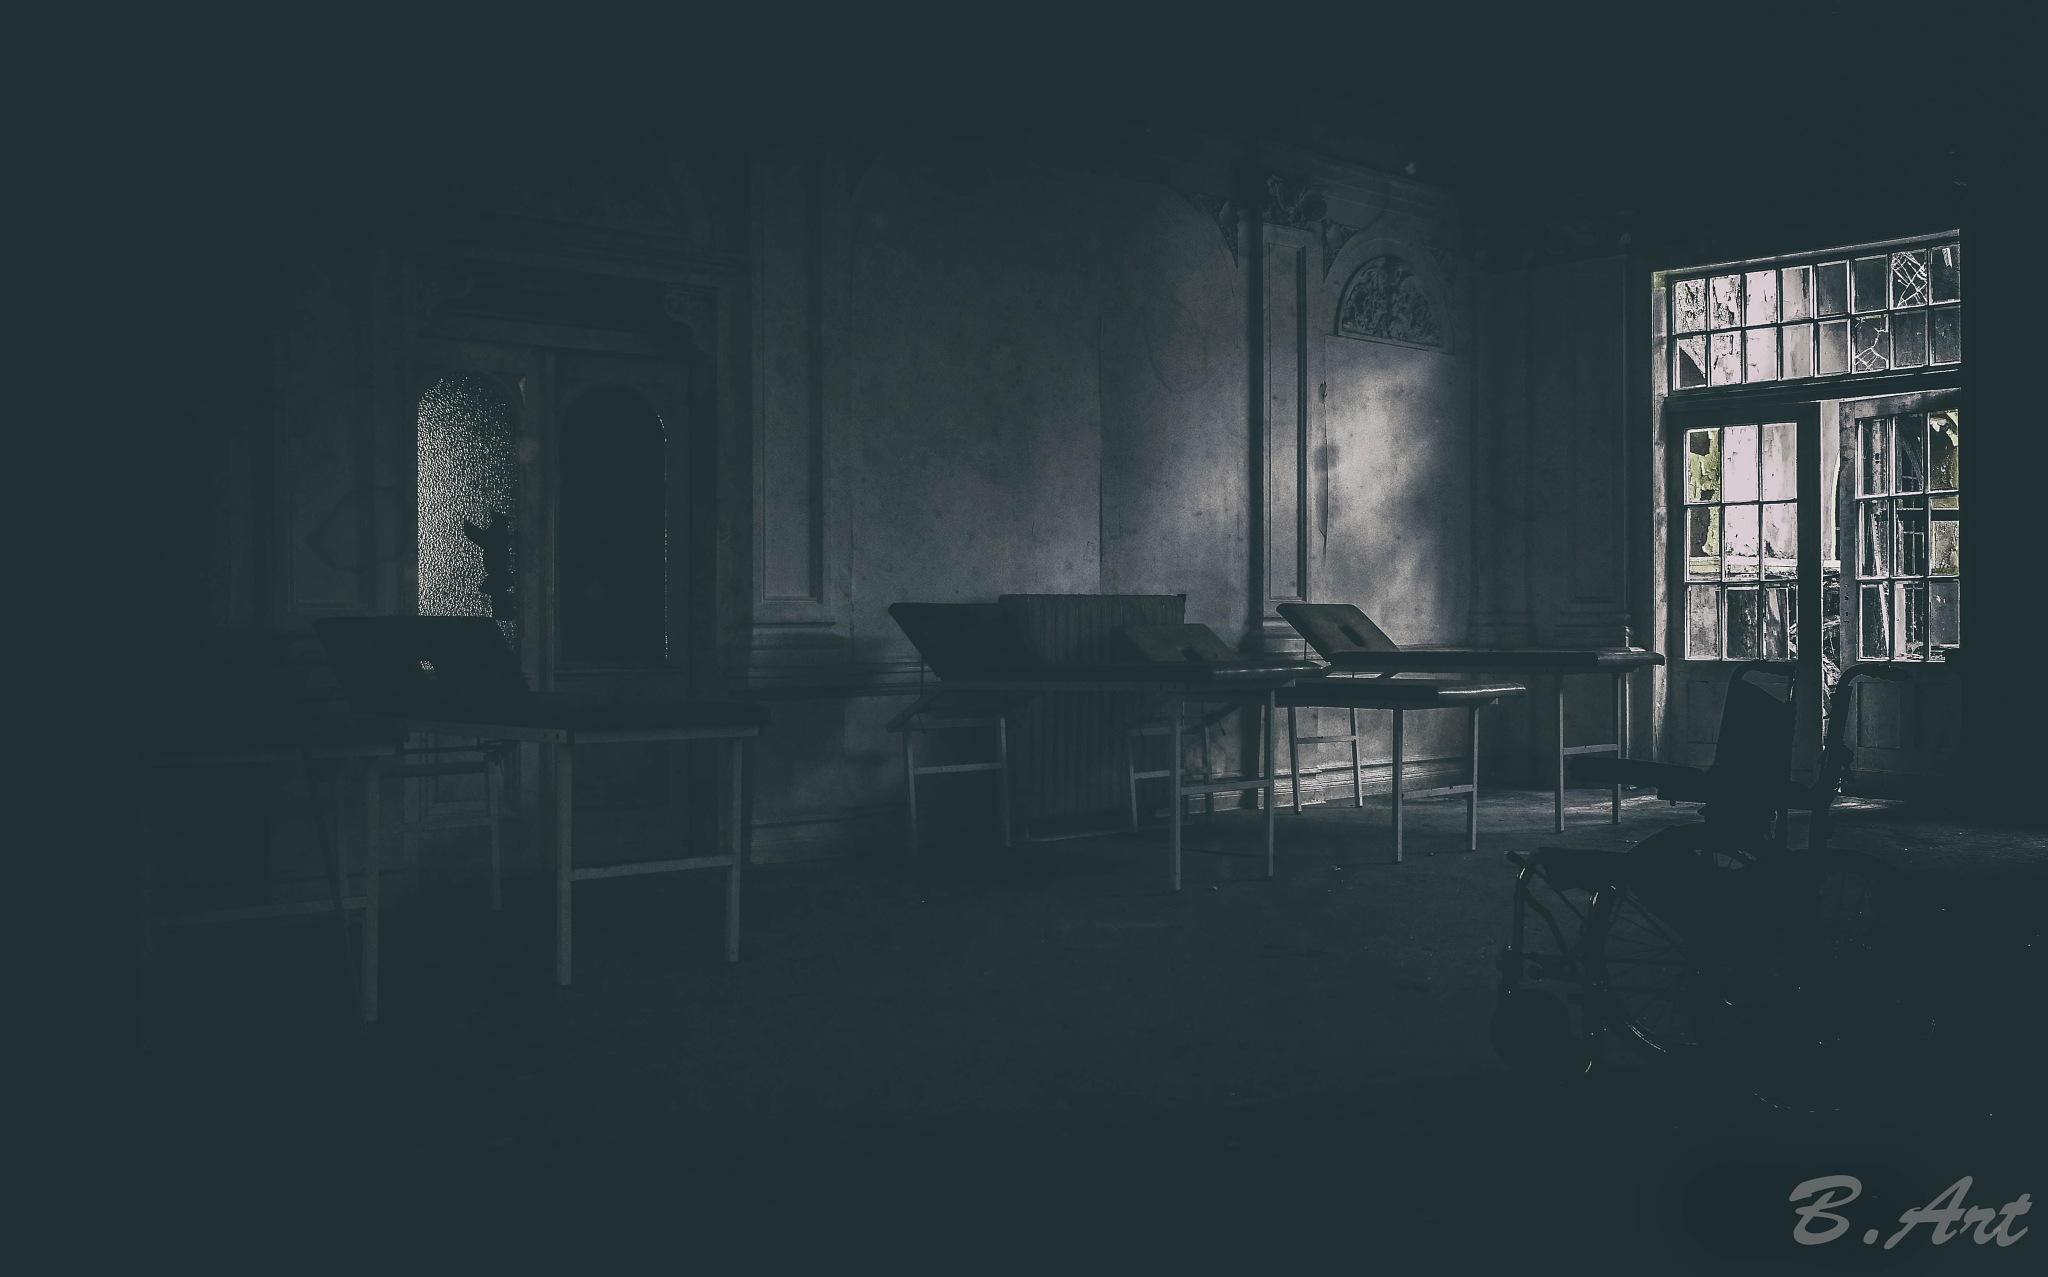 lost asylum by Bart van Reeth